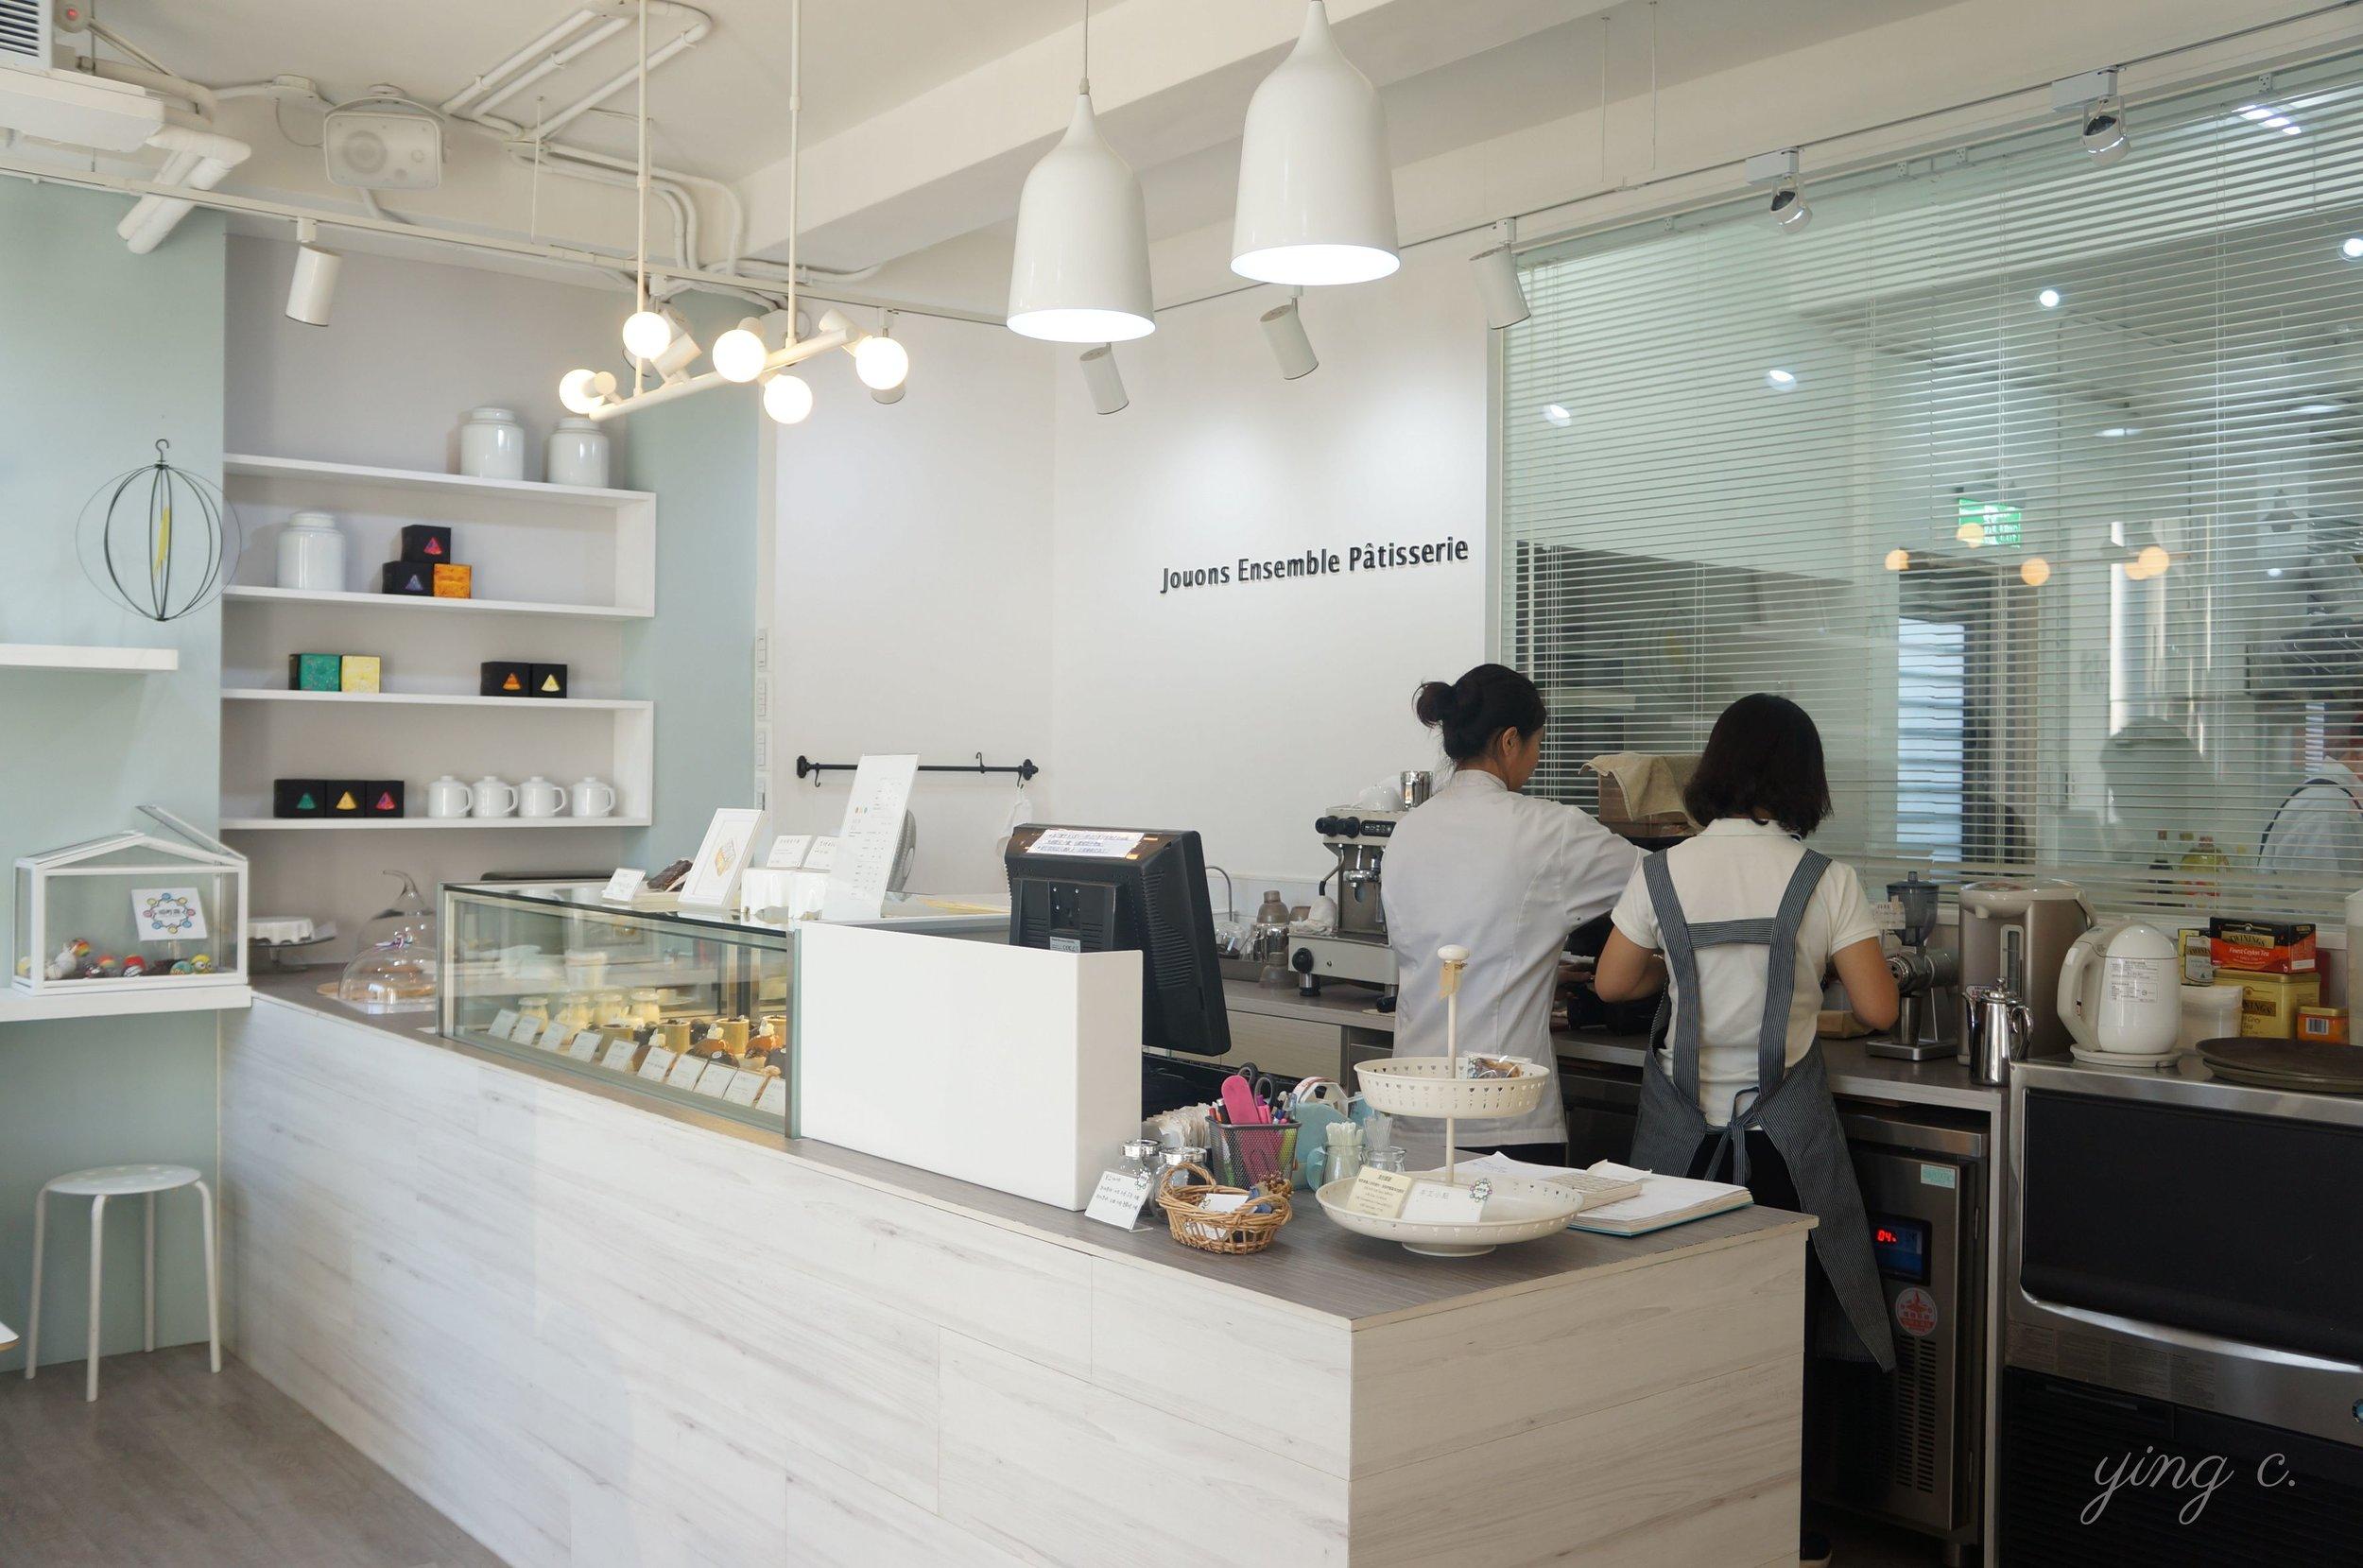 店面設計以白色為主調,大片的落地窗讓整個空間更為明亮。